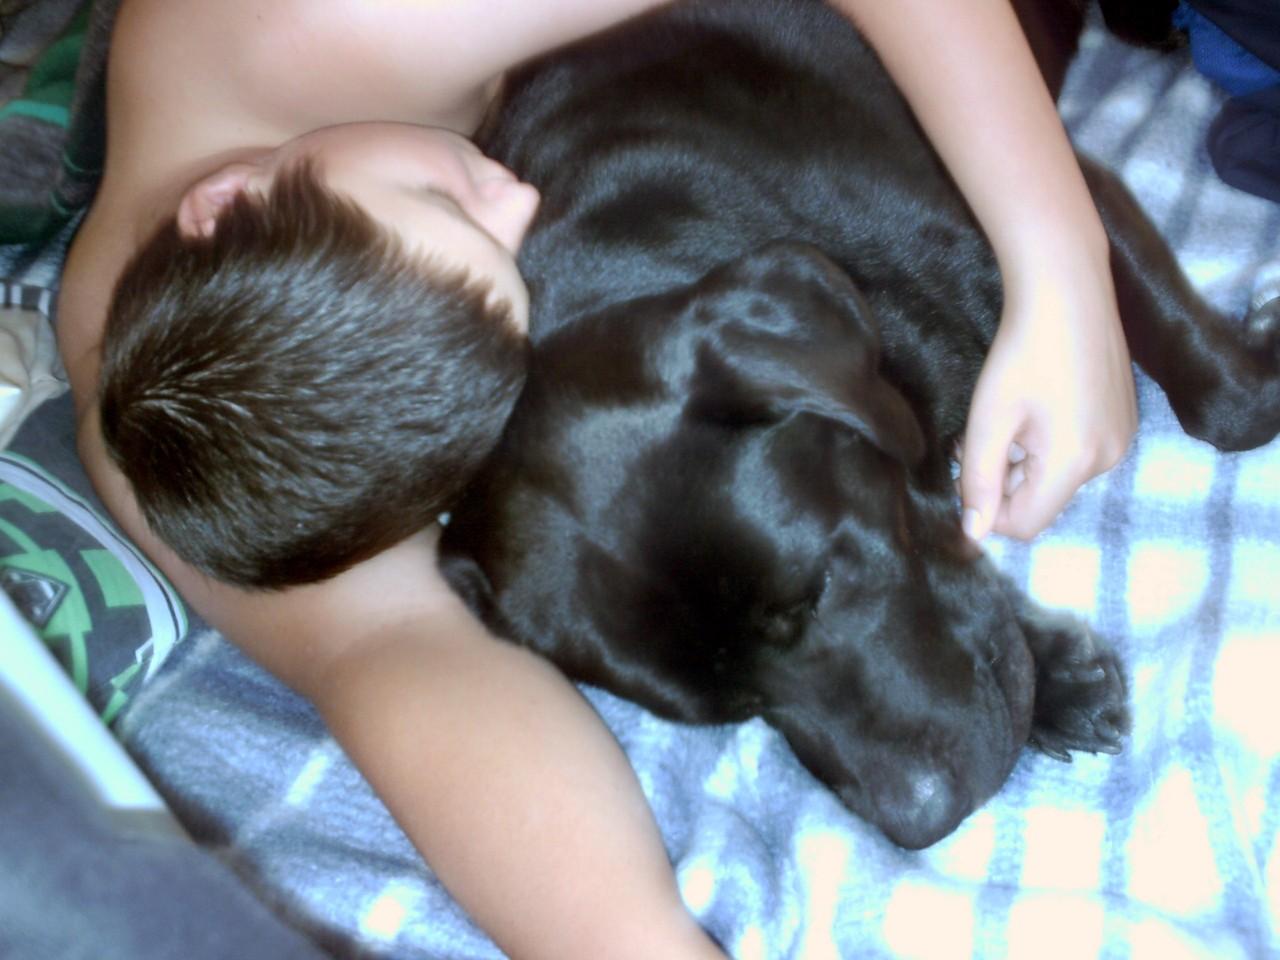 Eigentlich verboten - Hund im Bett. Aber kaum dreht man sich um........naja  - mal ein Auge zudrücken ;)